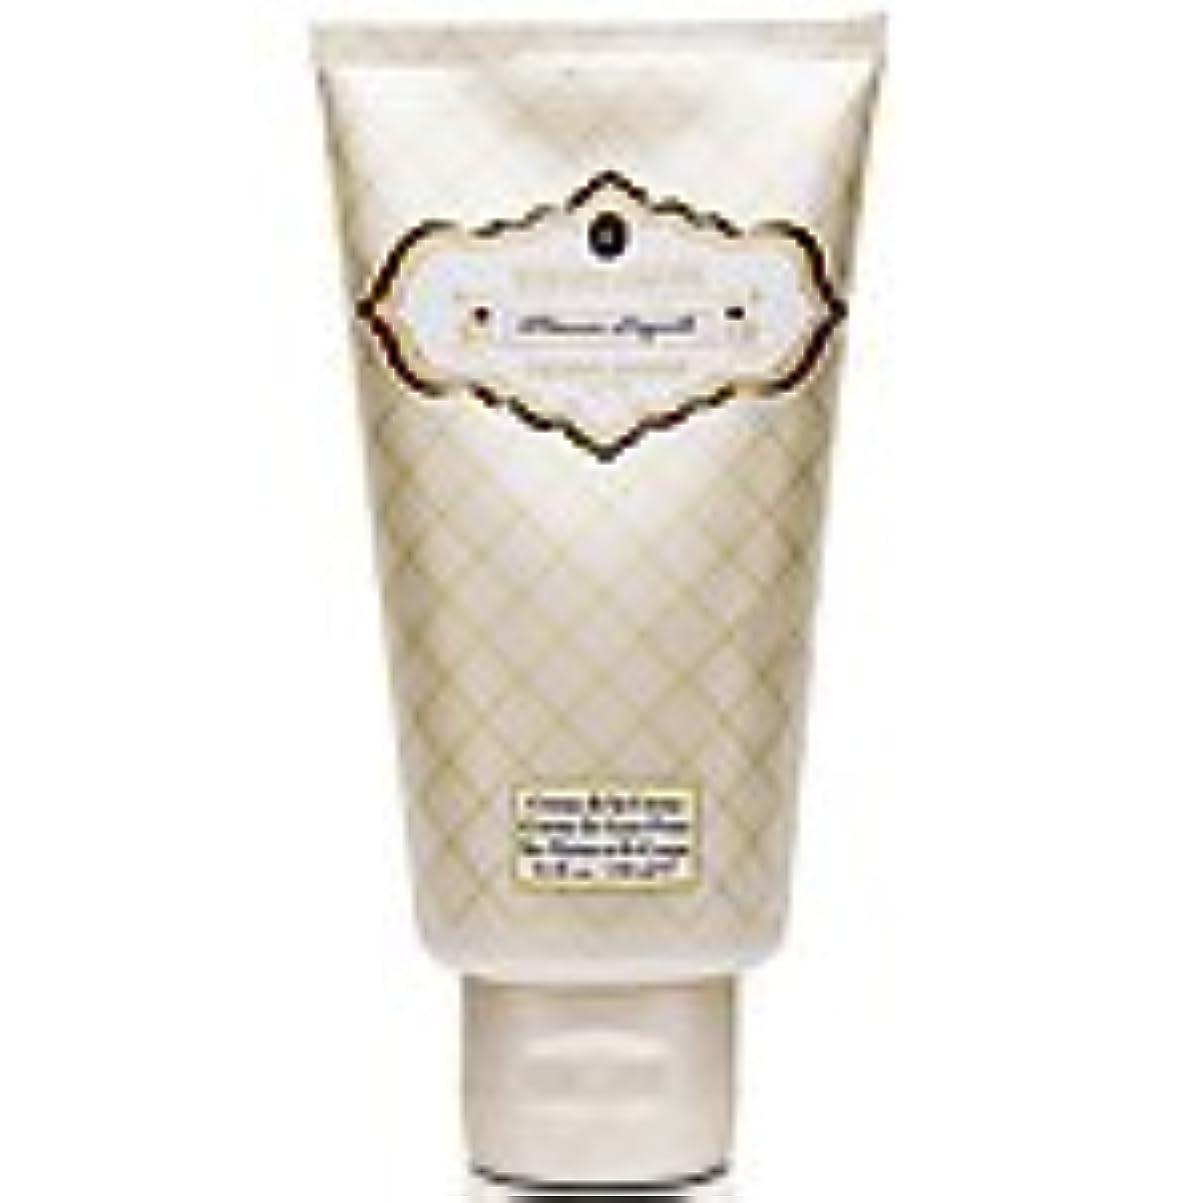 患者またはのれんMemoire Liquide Reserve - Encens Liquide (メモワールリキッドリザーブ - エンセンスリキッド) 5.1 oz (153ml) Body Cream for Unisex